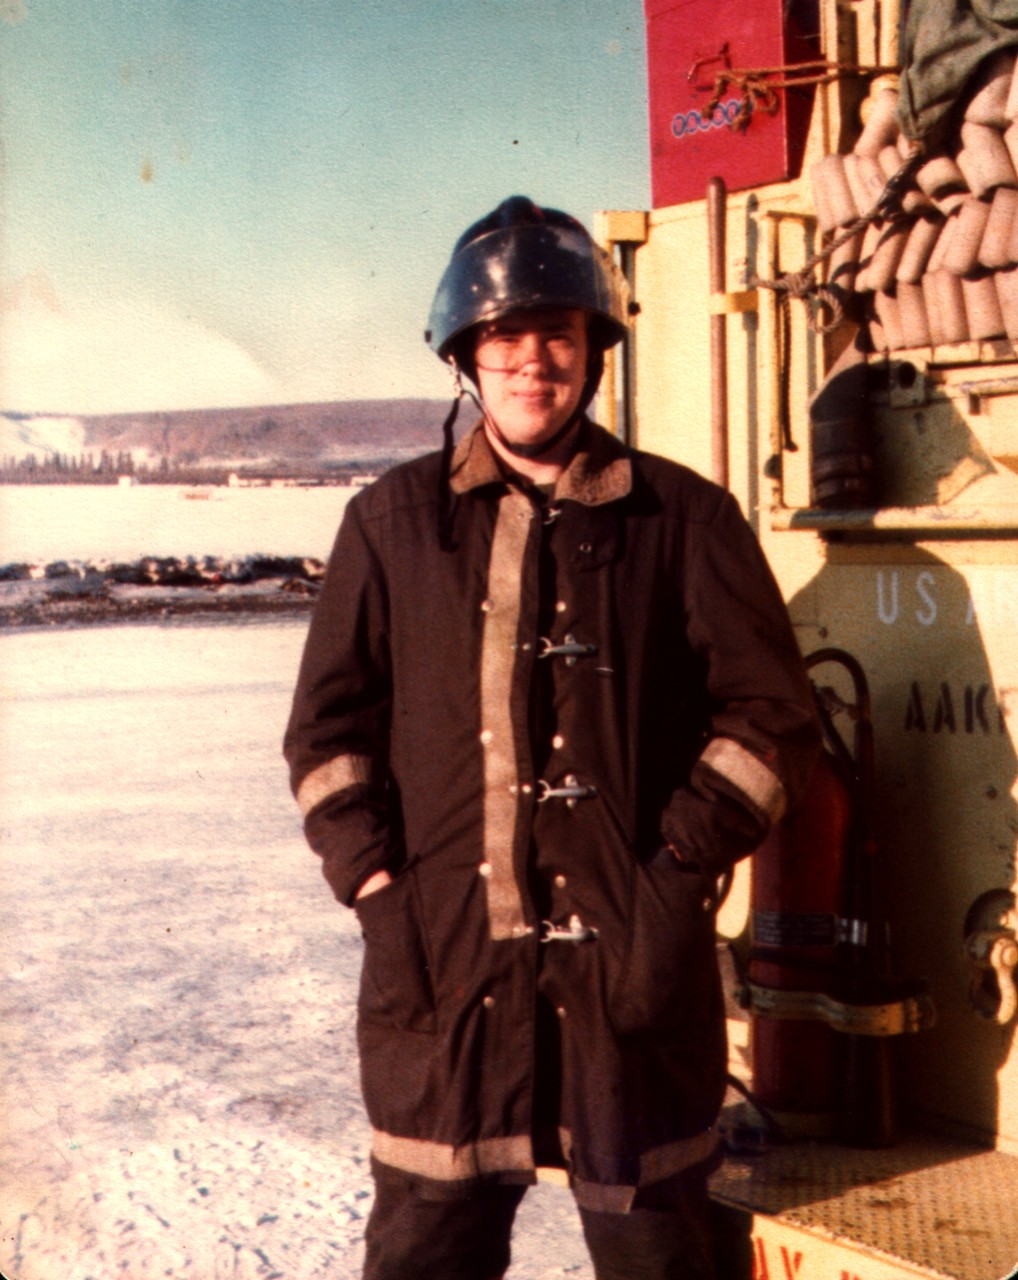 Jim Van Hoose